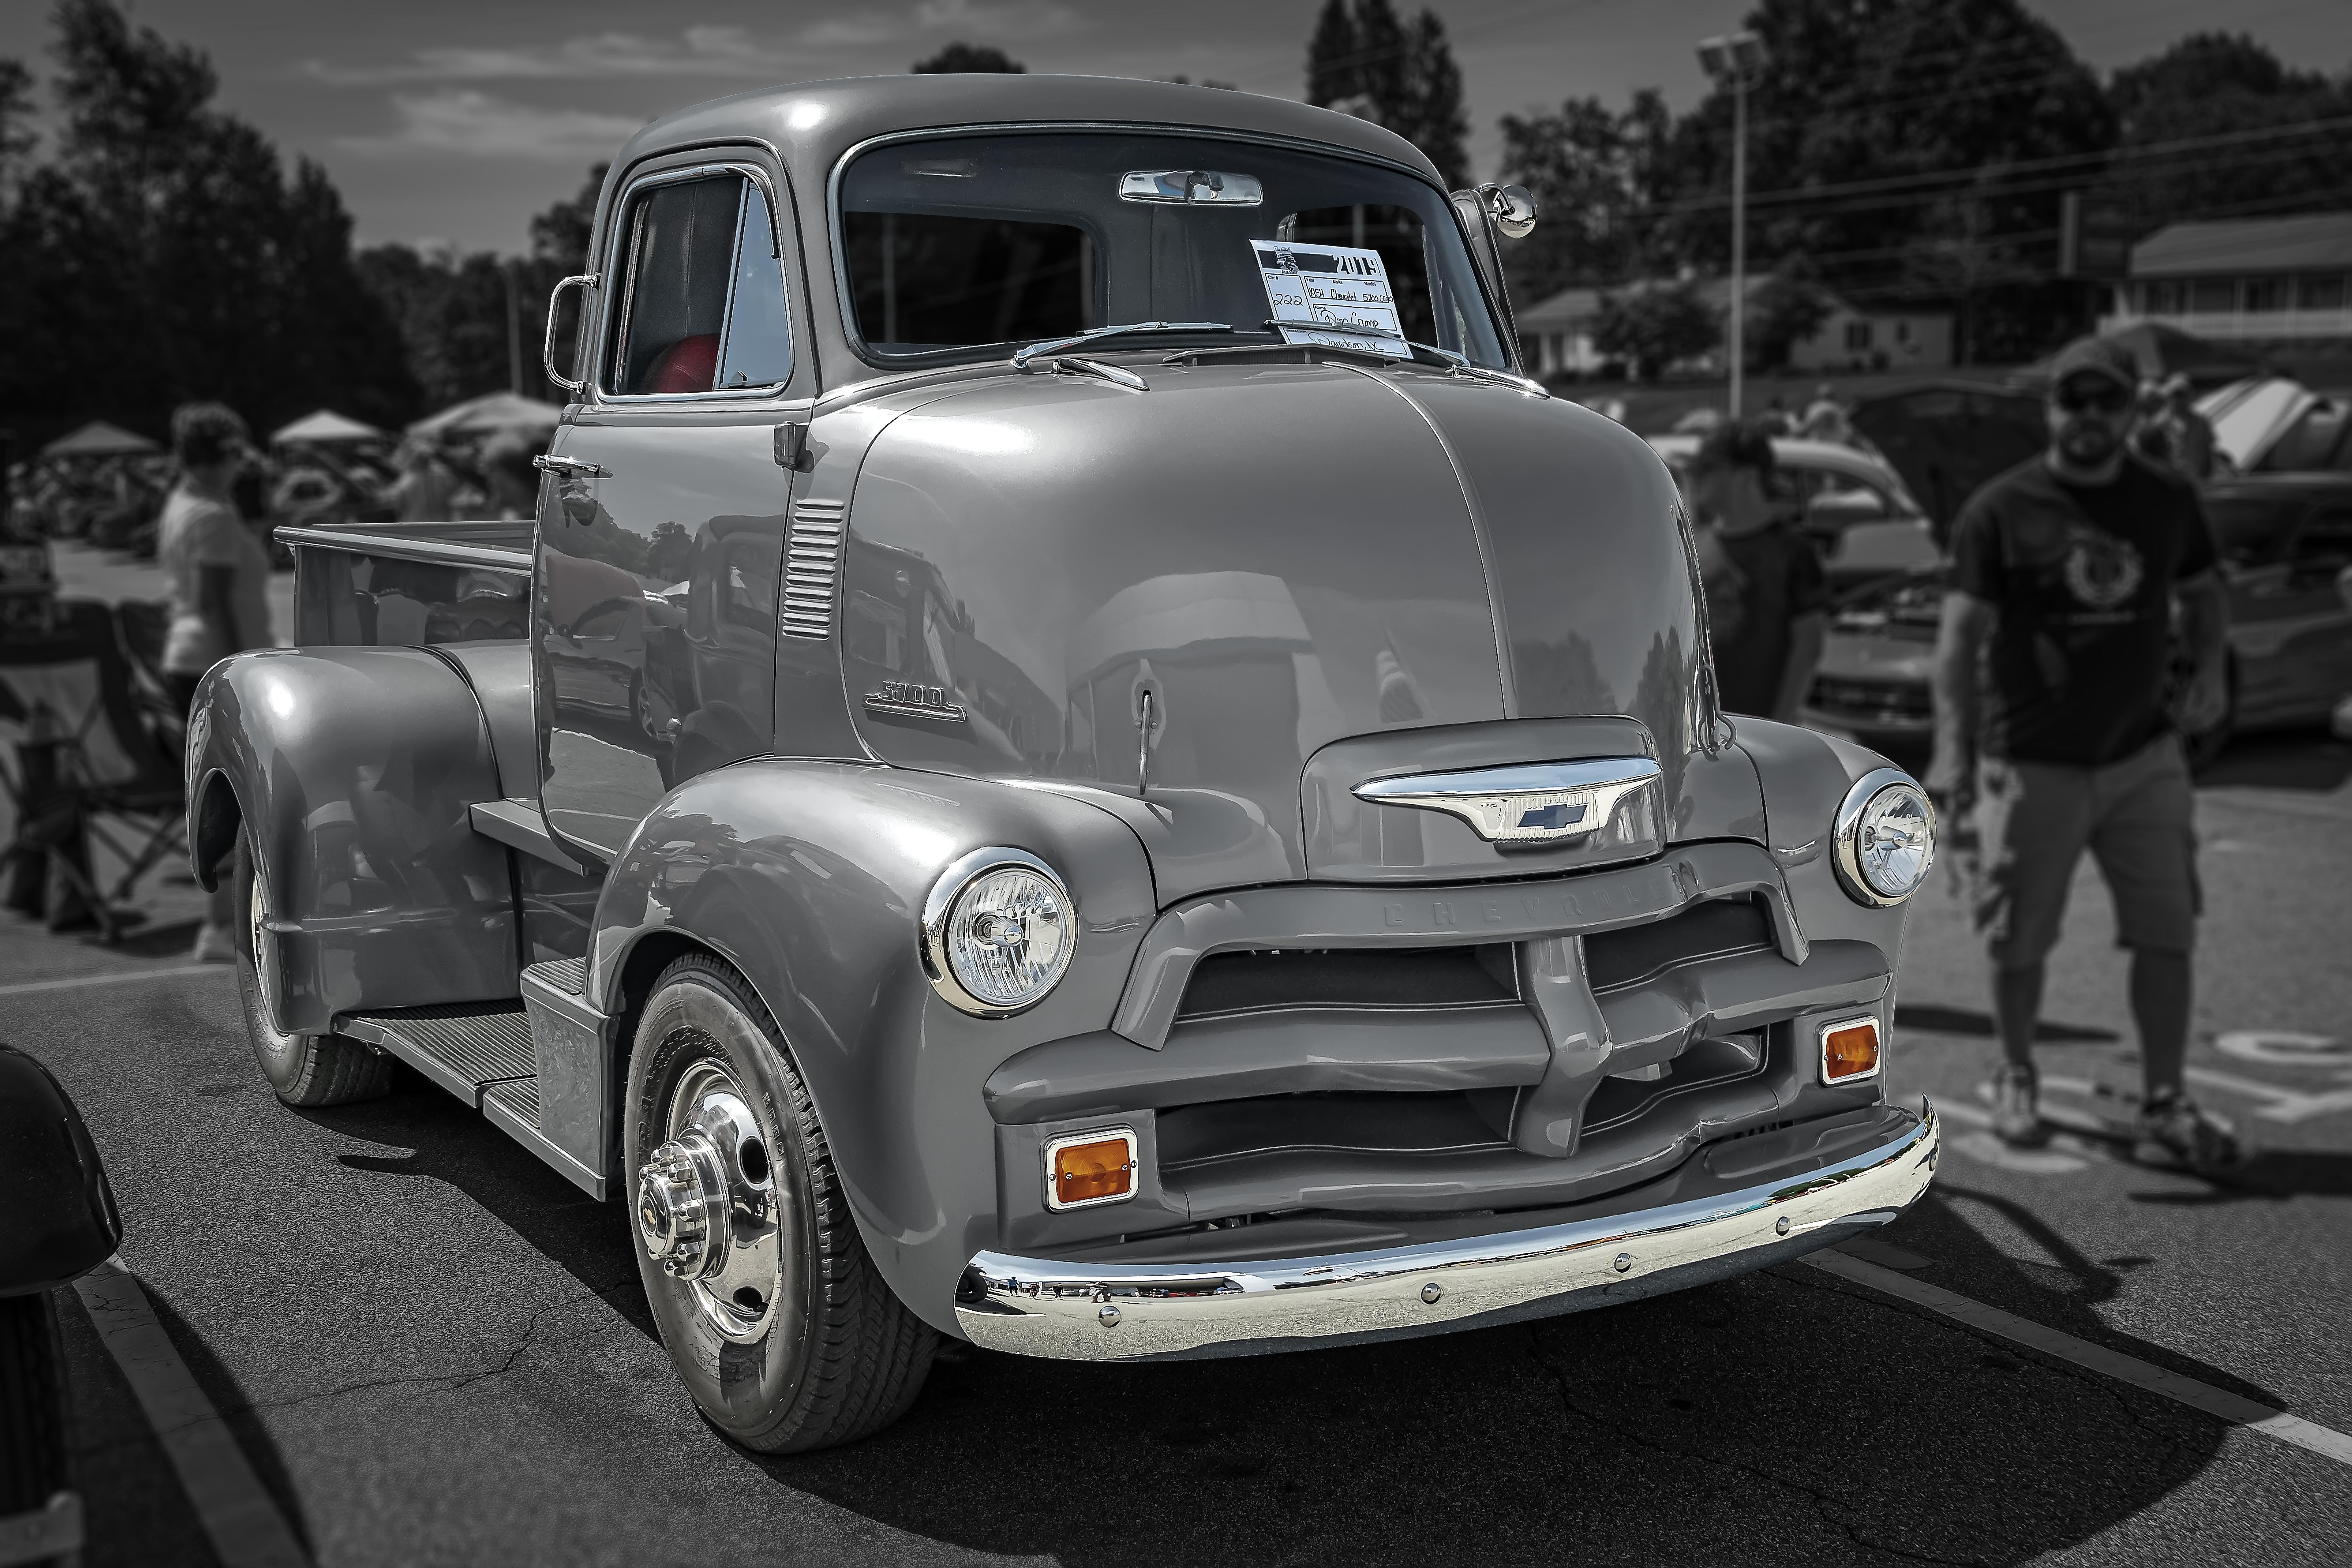 รูปภาพ : ติดแท็กตำแหน่ง, สหรัฐอเมริกา, 1954 Chevrolet, 1954